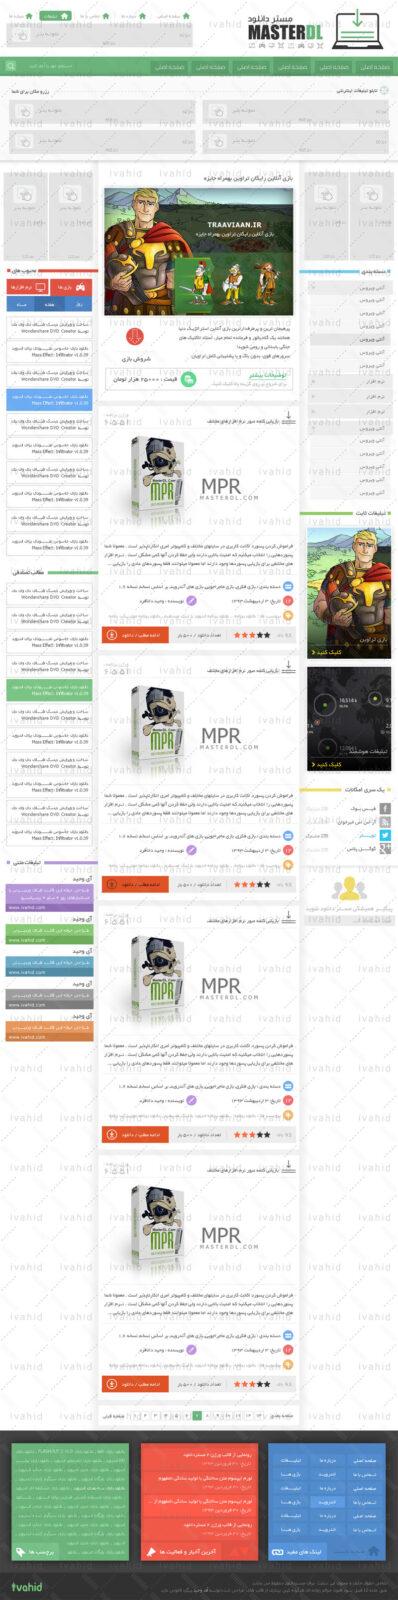 طراحی سایت دانلود سنتر مستر دانلود